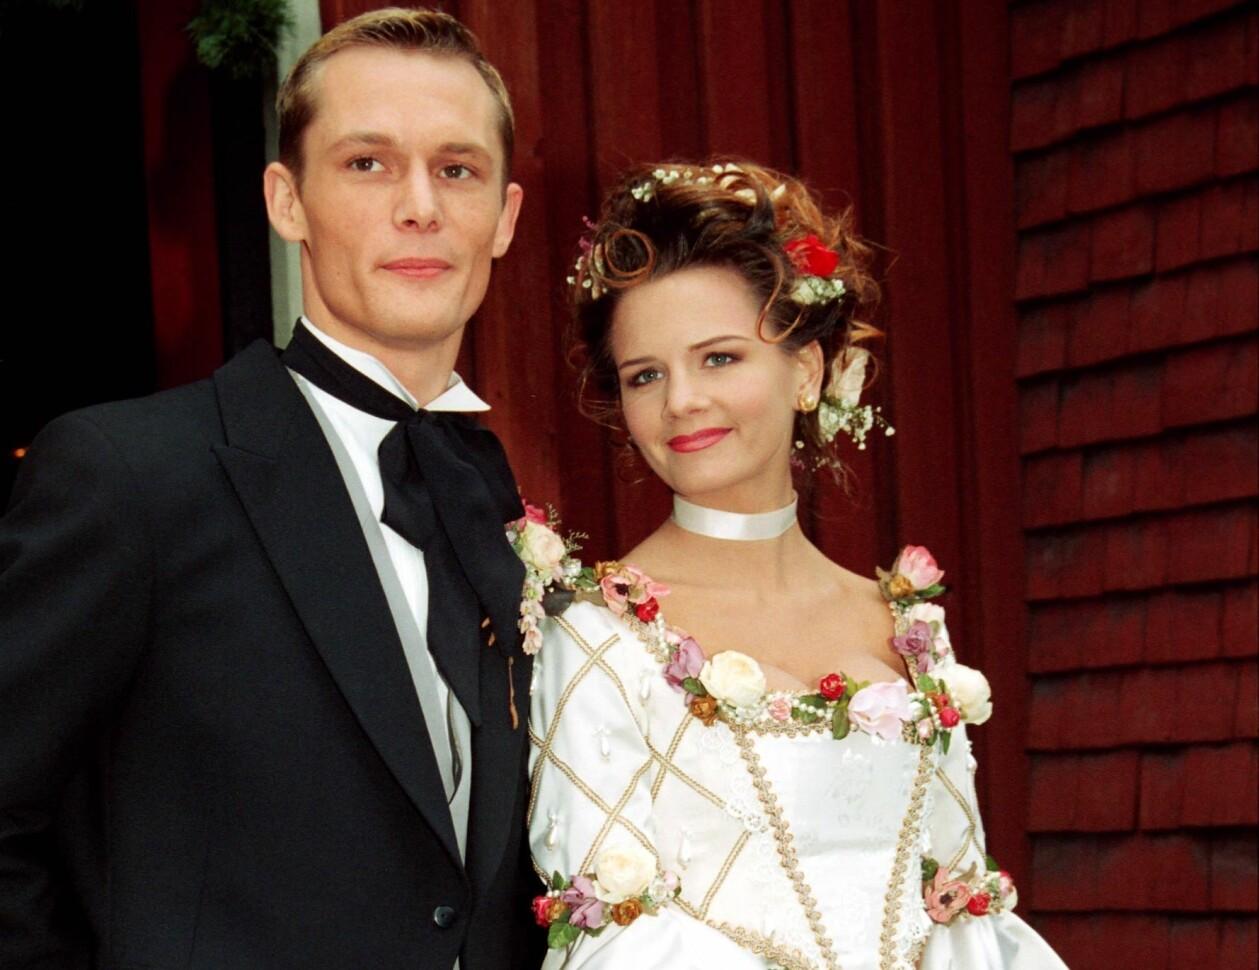 Måns Herngren och Lena Philipsson gifter sig 1993.